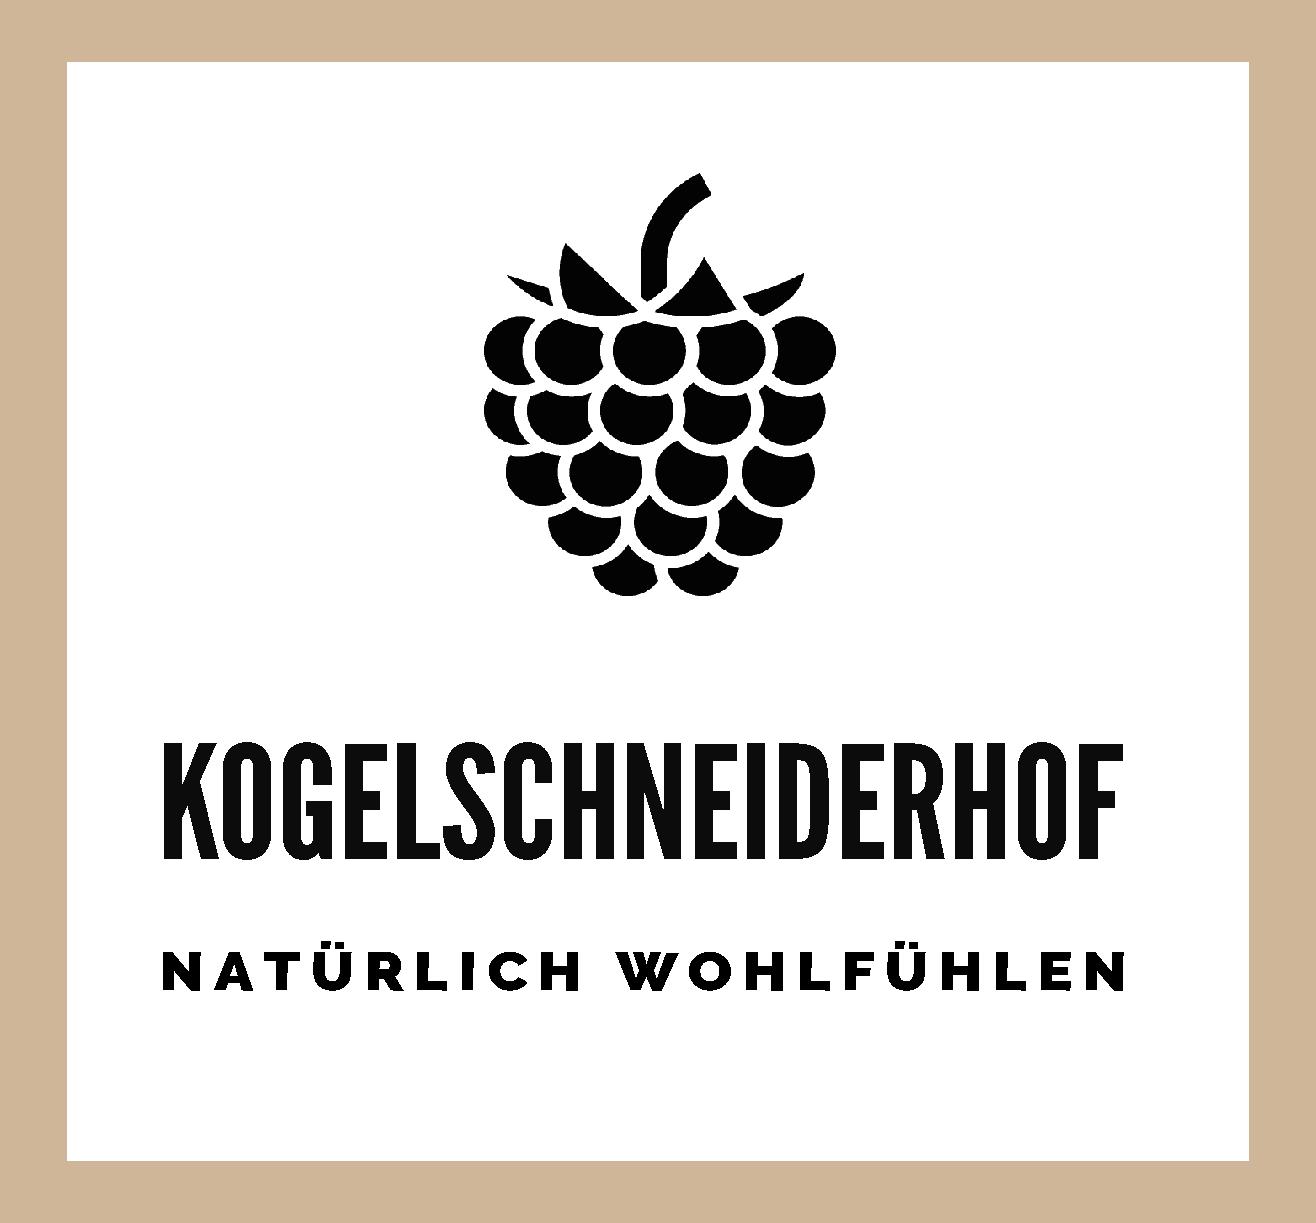 Kogelschneiderhof